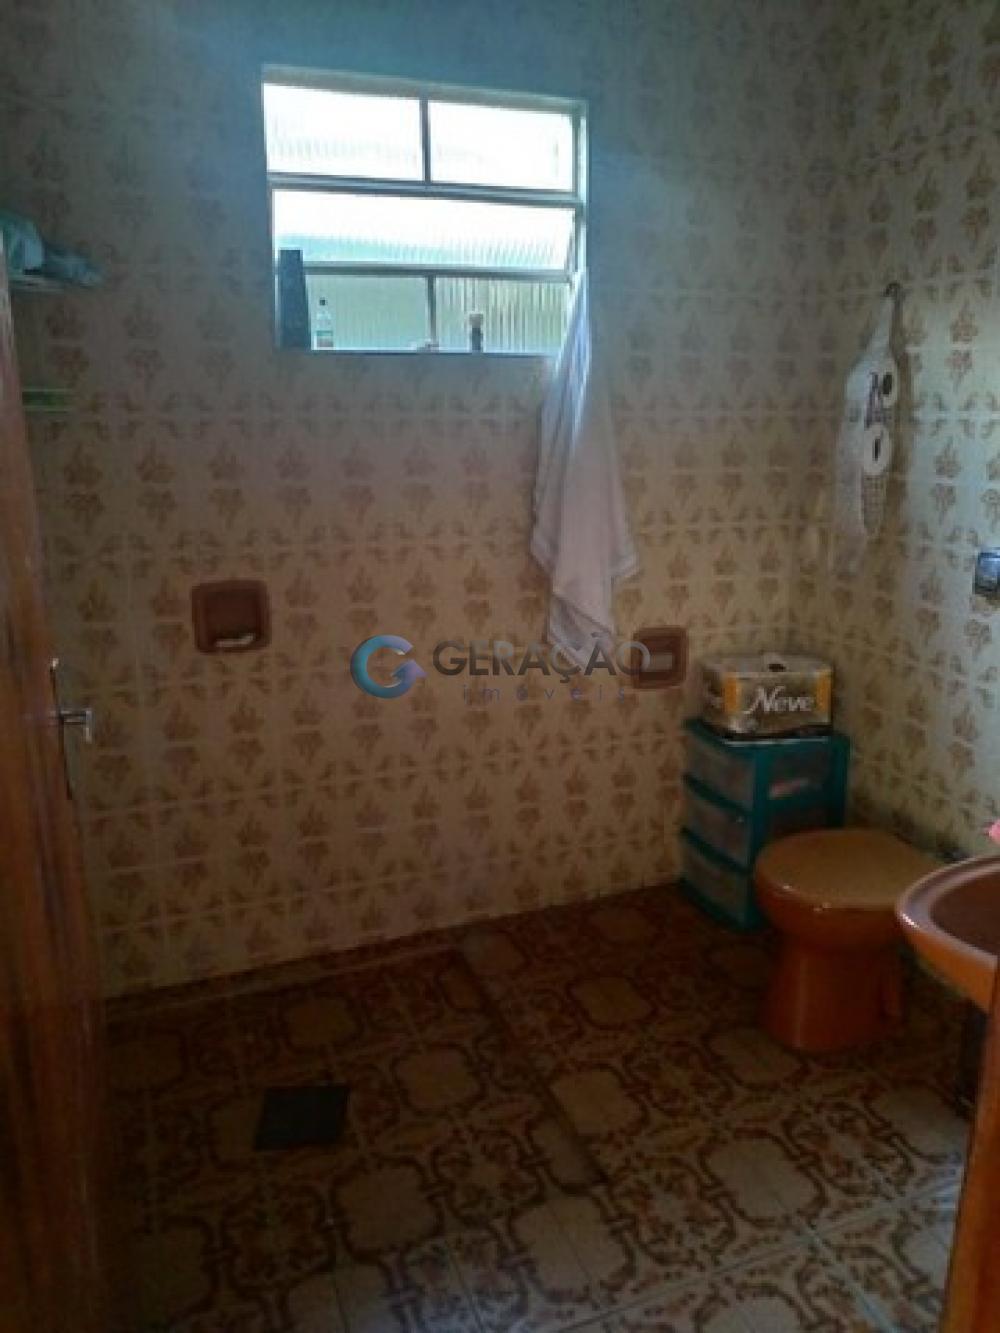 Comprar Casa / Padrão em São José dos Campos R$ 445.000,00 - Foto 8